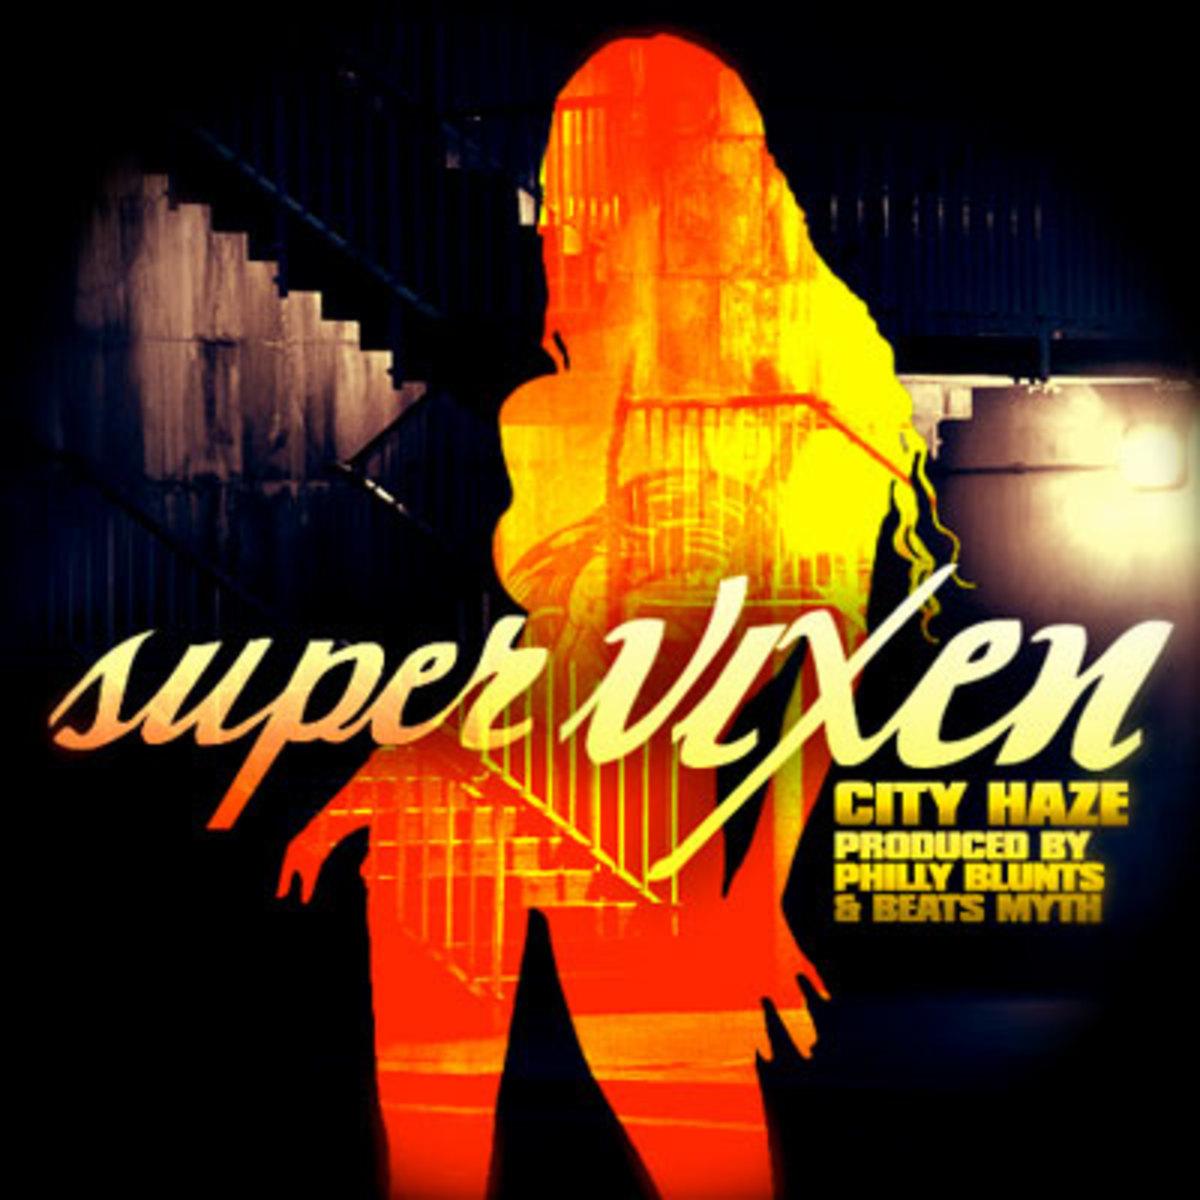 cityhaze-supervixen.jpg